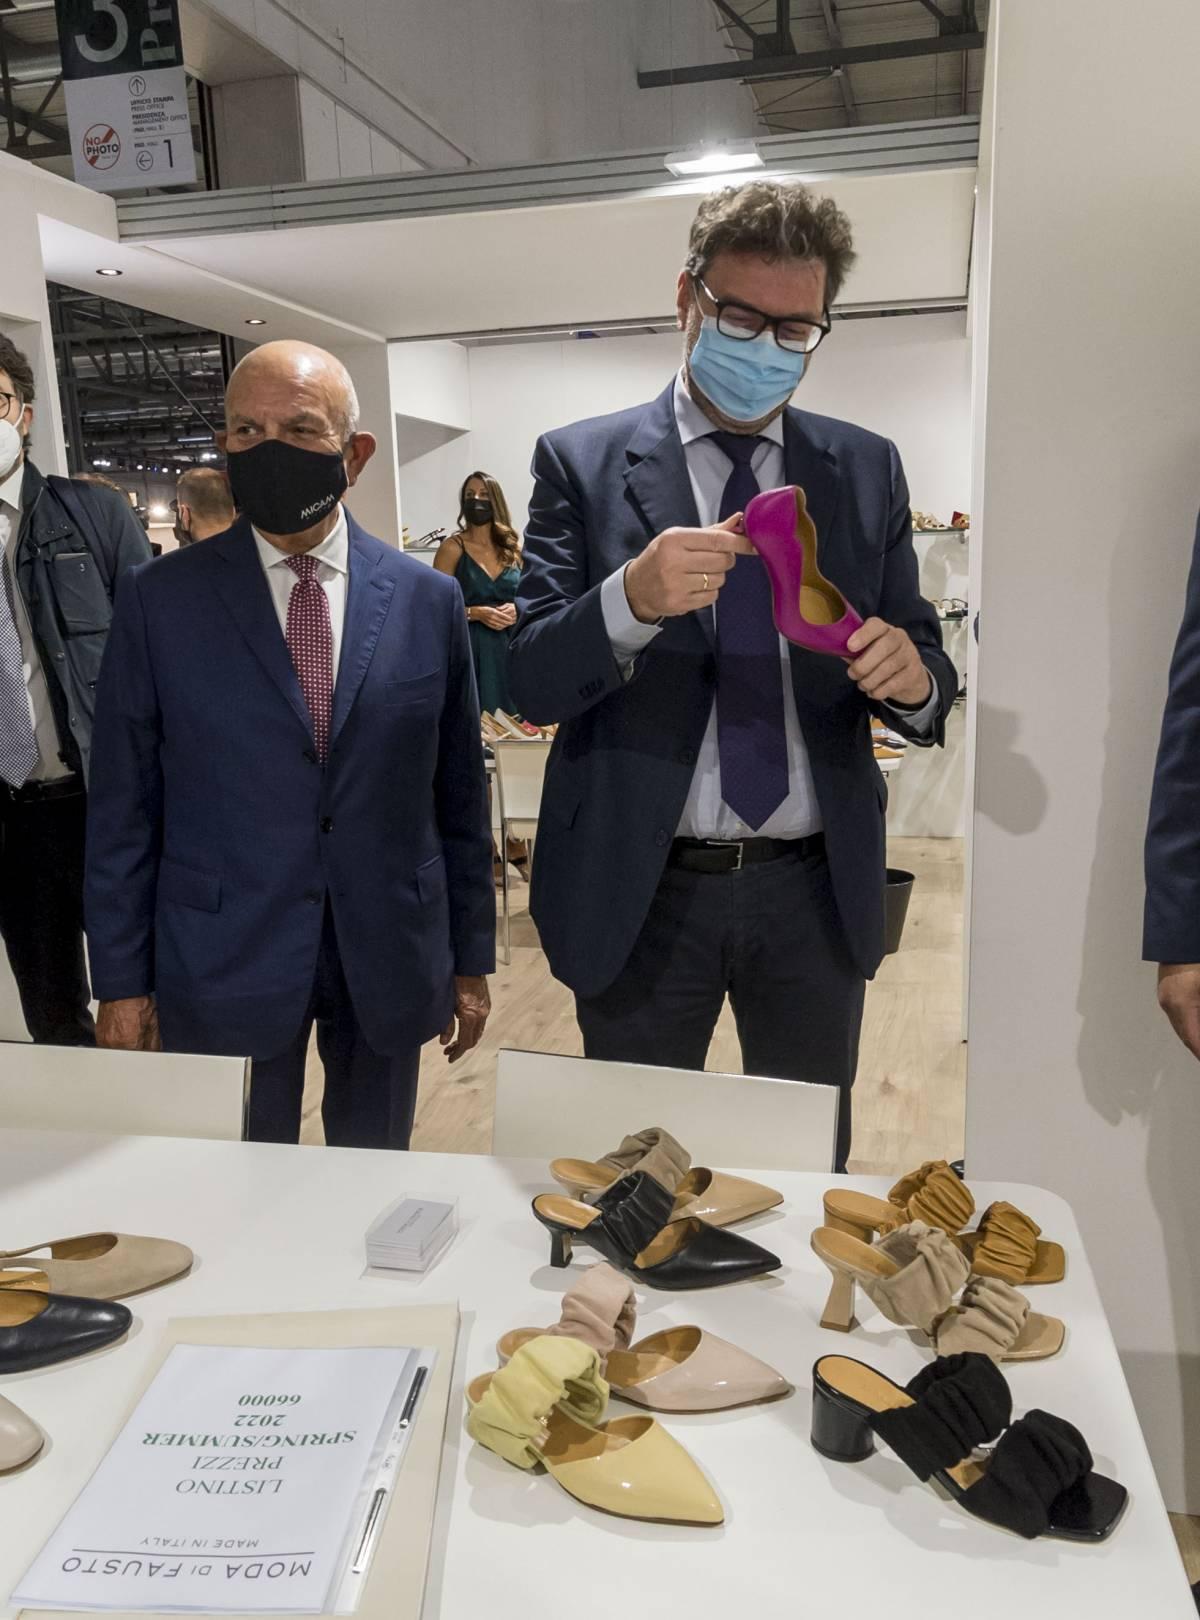 Giorgetti in fuga da Salvini. E Landini fa la resistenza